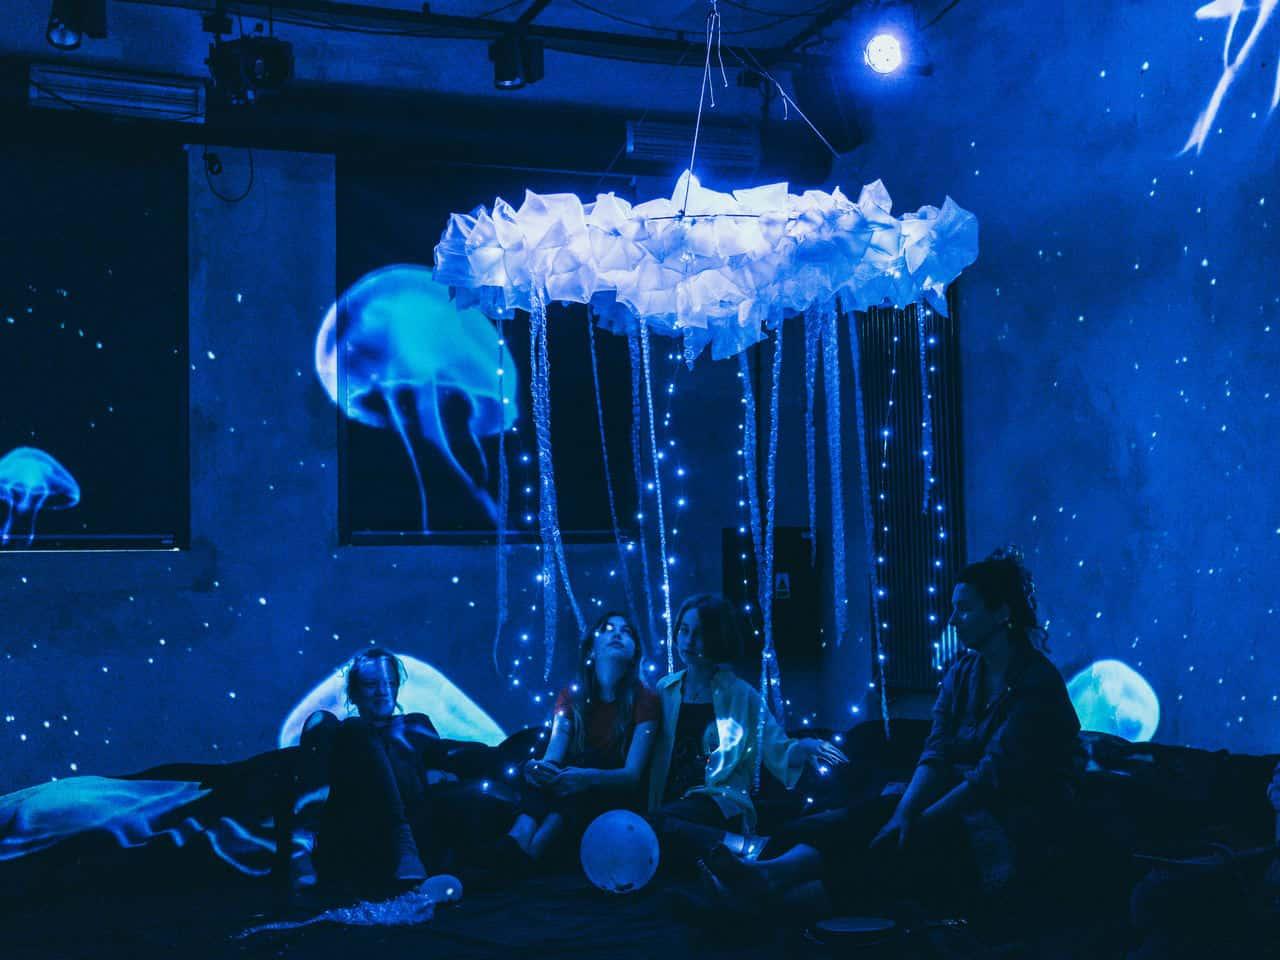 Scena zpróby do spektaklu. Na podłodze siedzą młode dziewczyny, nad nimi wisi żyrandol zbiałej krepiny, zktórego zwisają sznurki białych młych światełek choinkowych, całość wygląda jak meduza. Na ścianach widać projekcje zpływającymi meduzami.